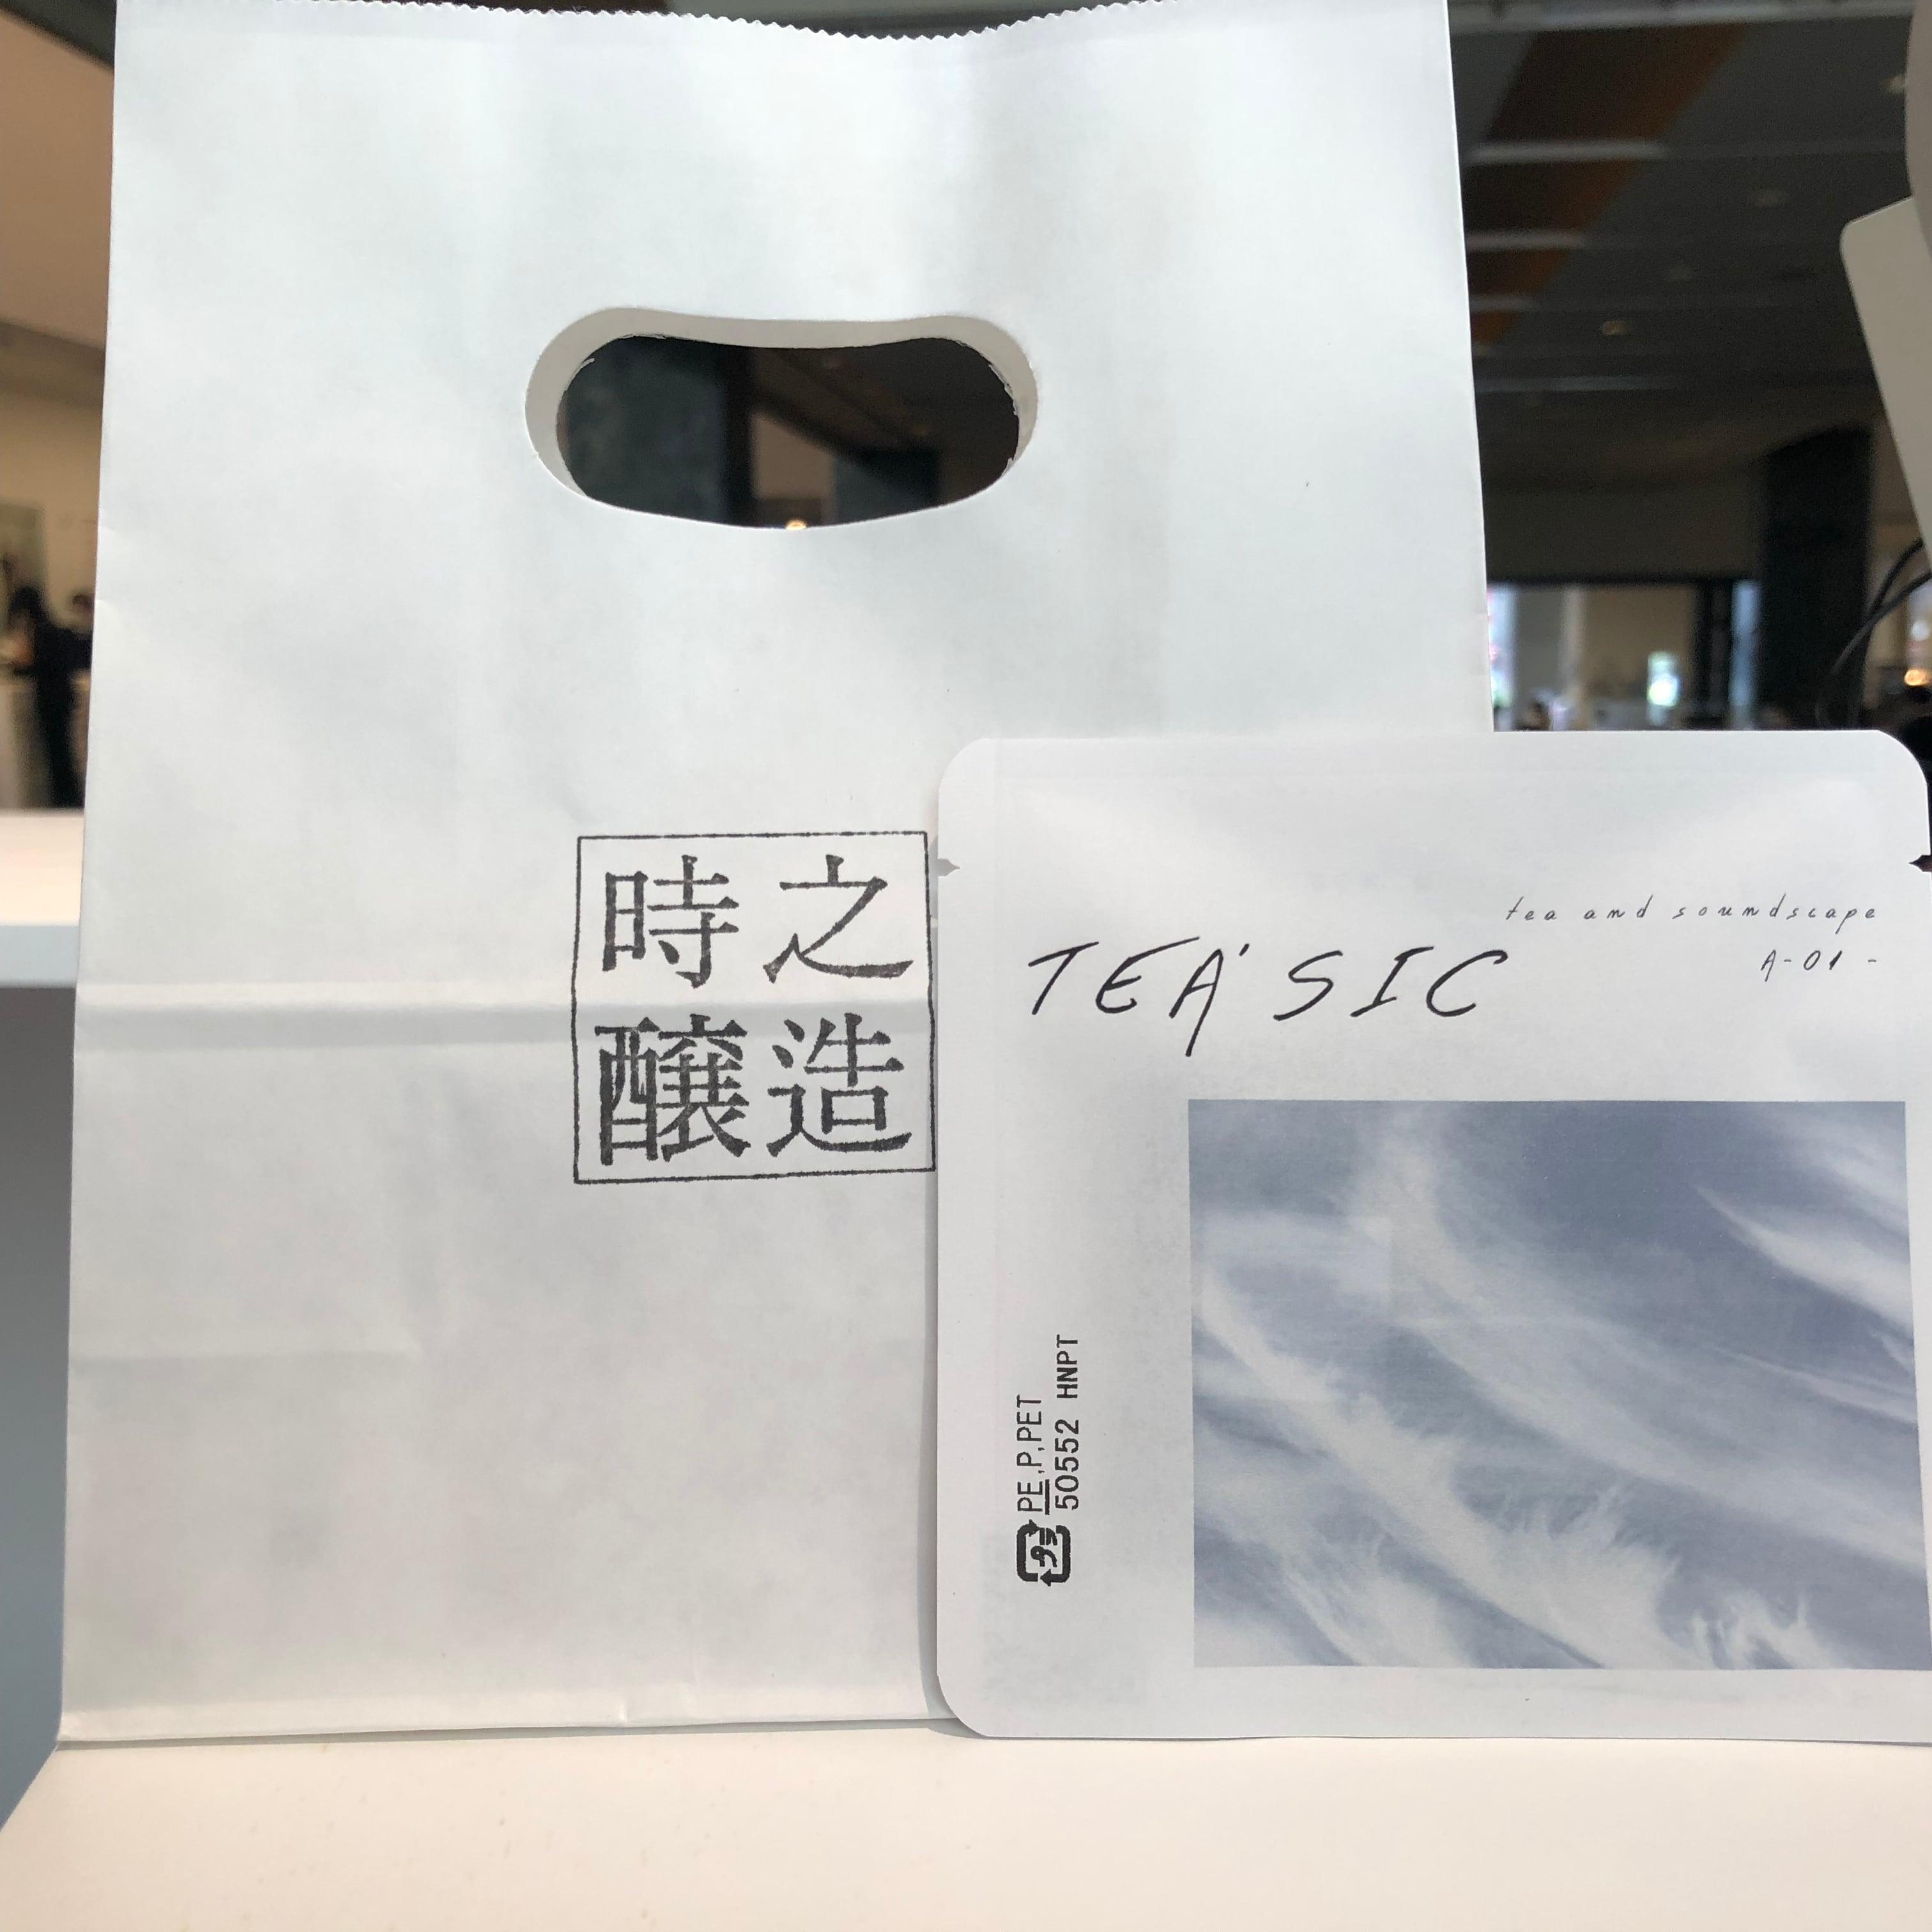 味わいの音楽付き日本茶 TEA'SIC A-01